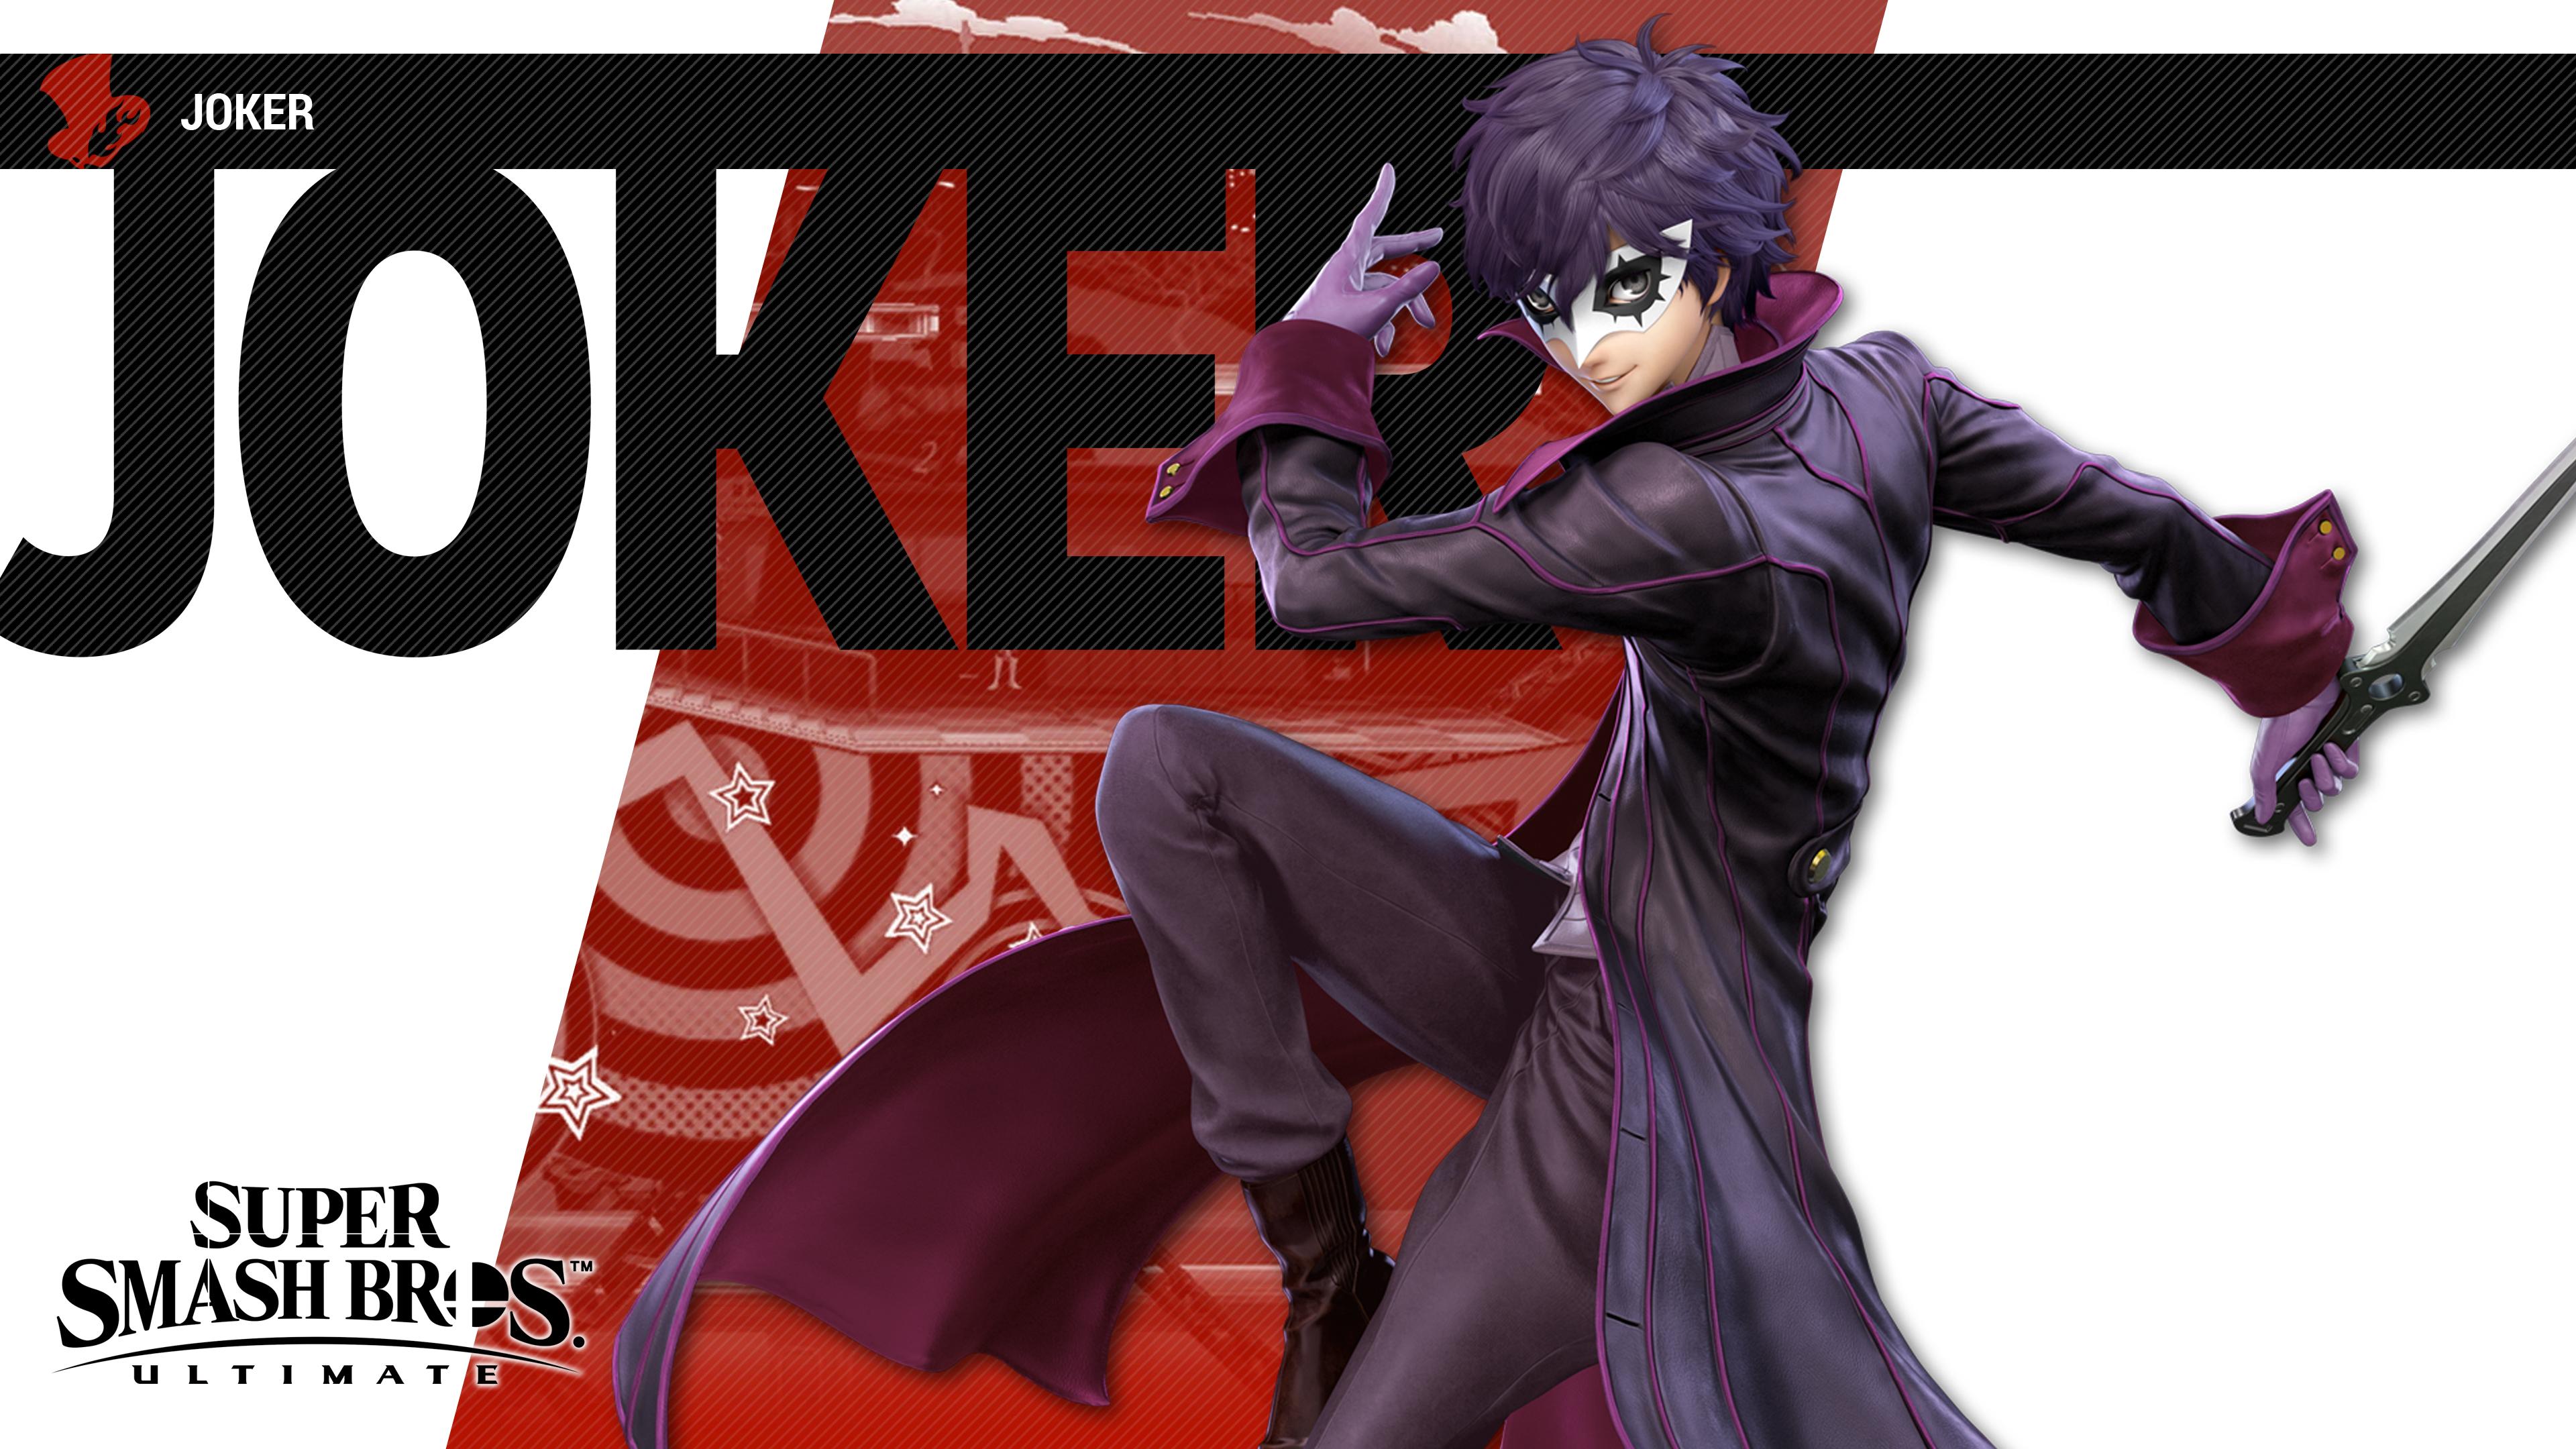 Super Smash Bros Ultimate Joker - HD Wallpaper